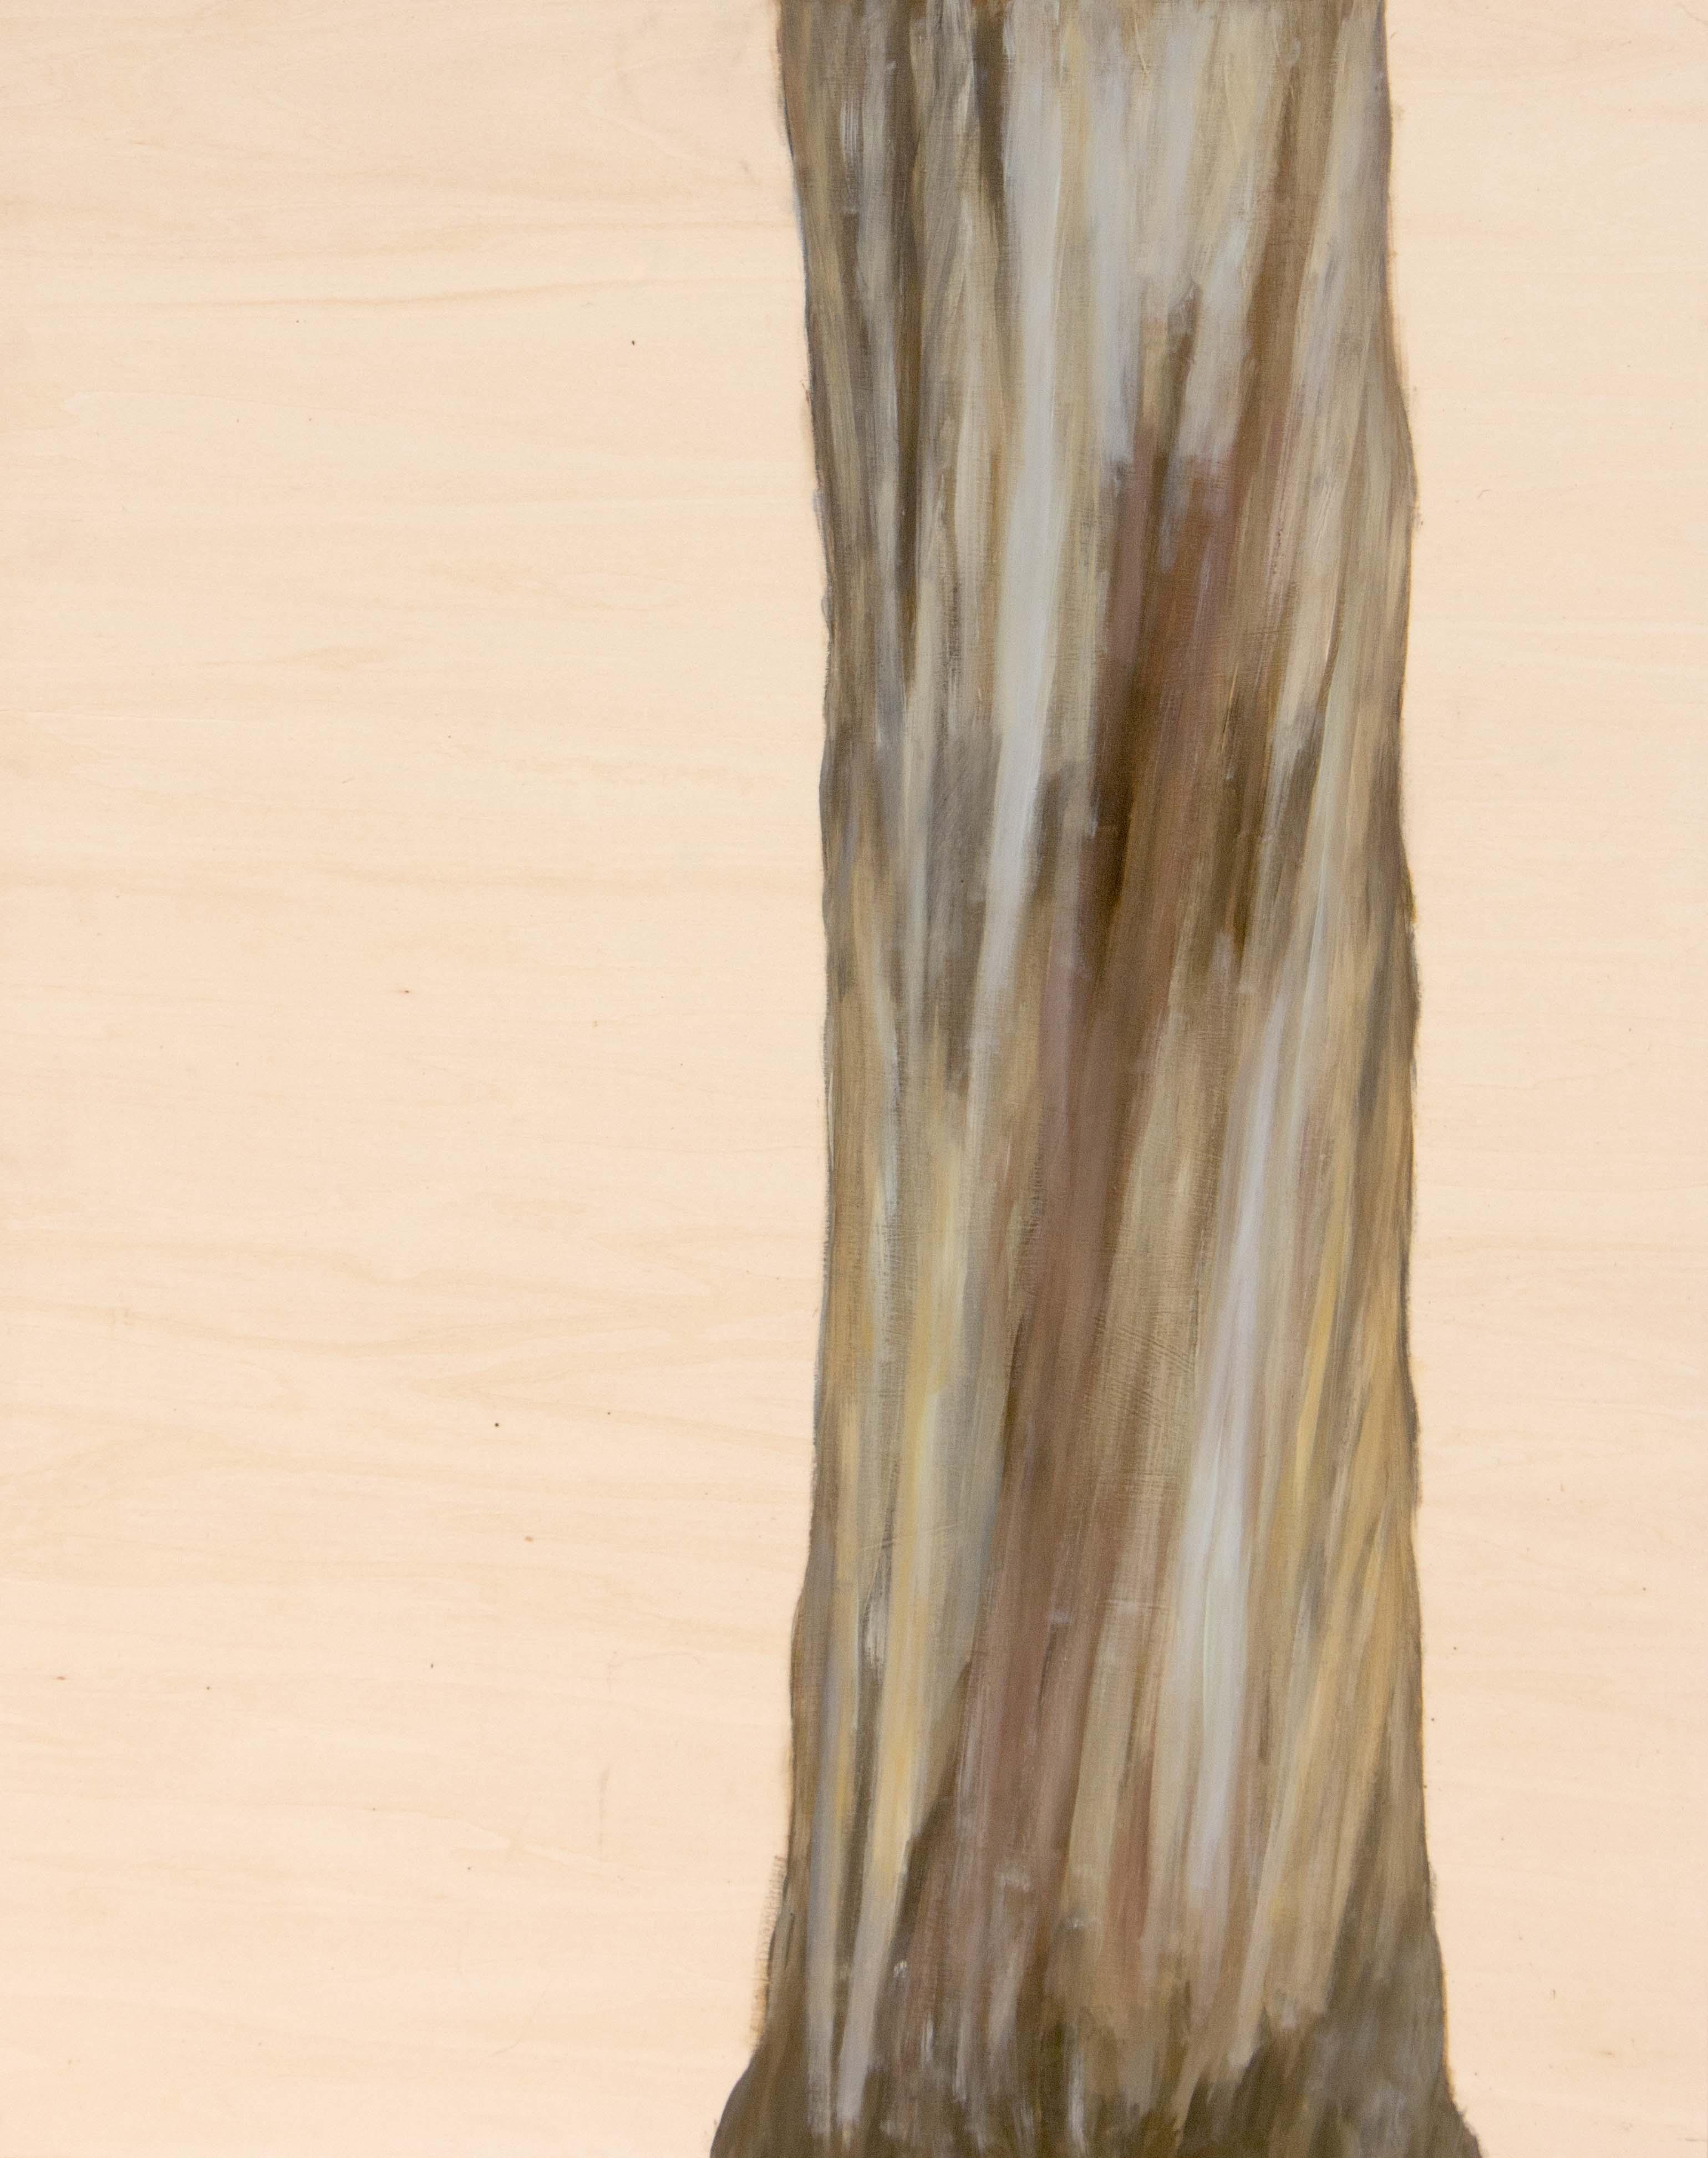 TreeStudy#1